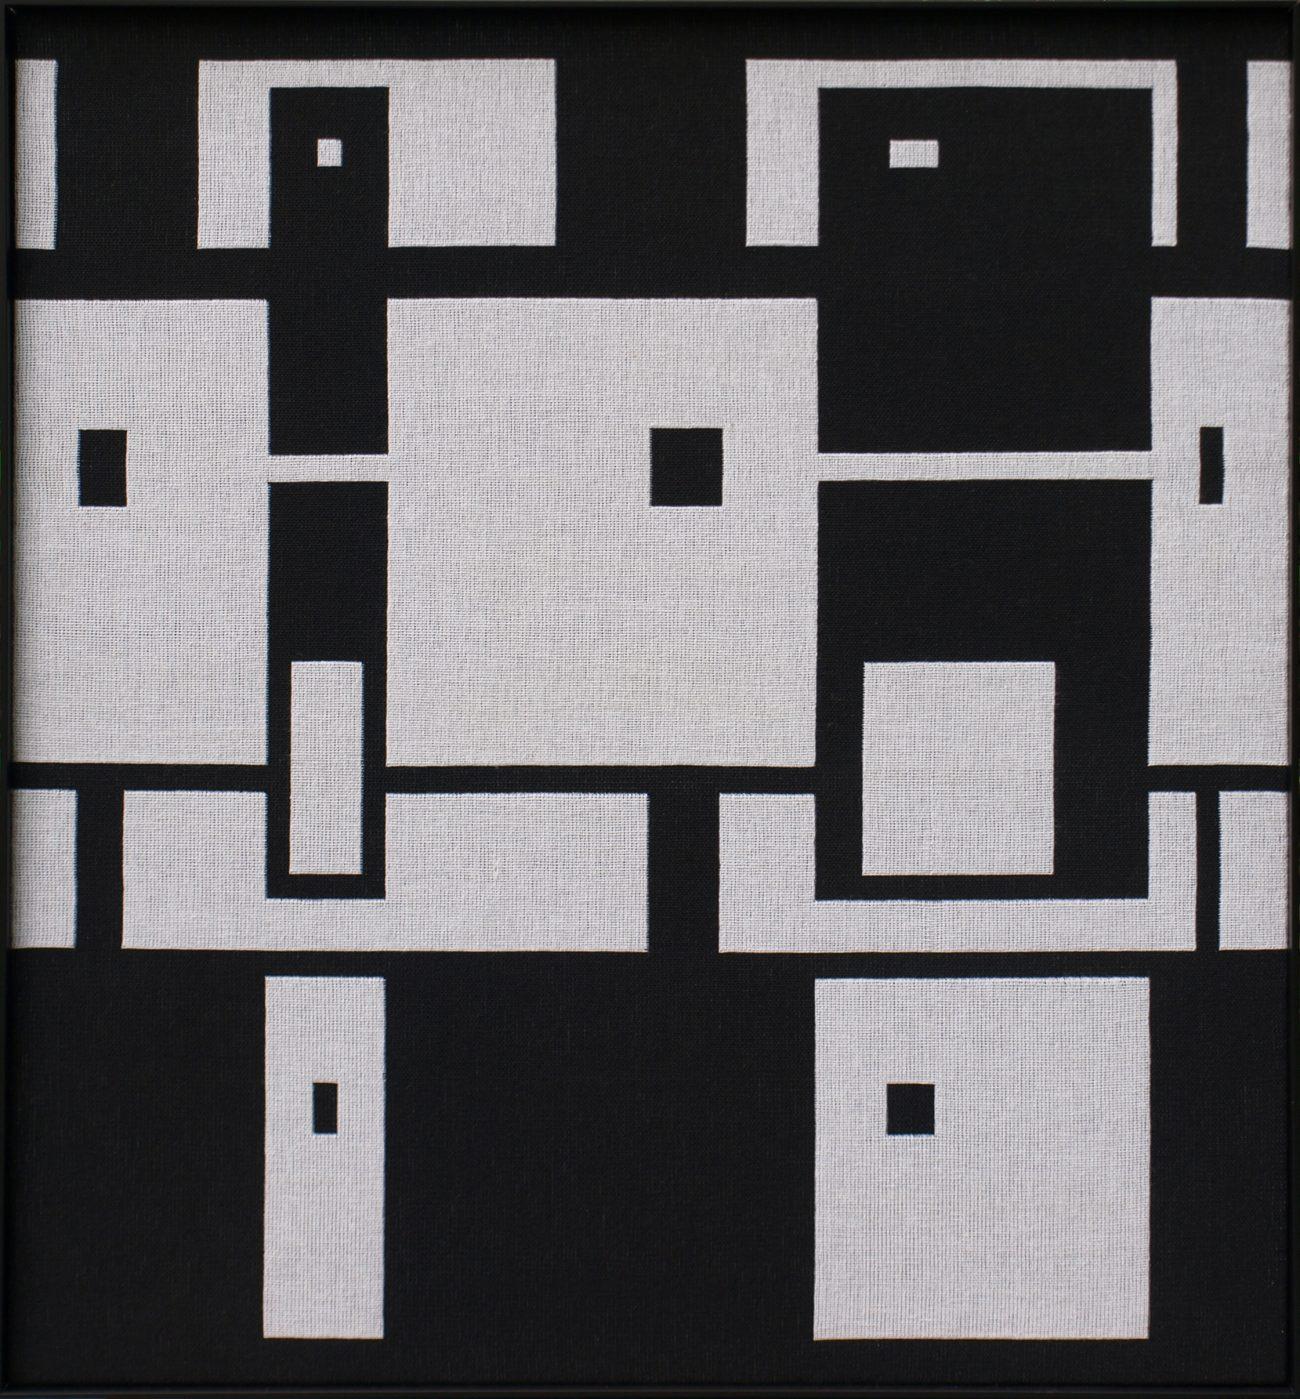 Marina L. van Dobben de Bruyn, 'Zwart/wit 1', dubbelweefsel.